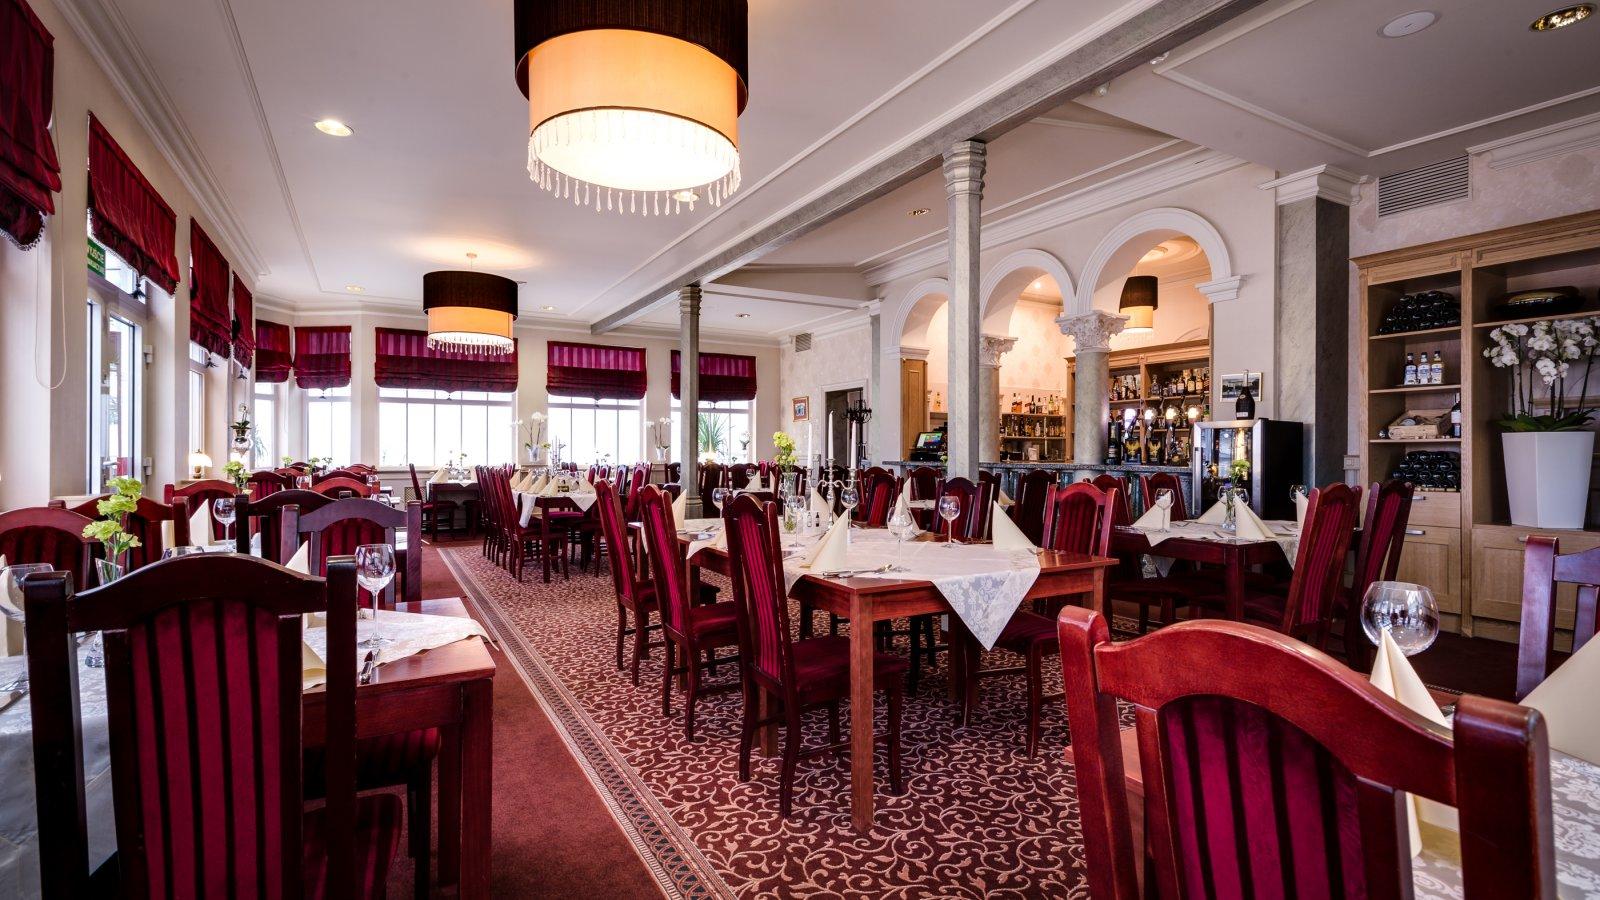 Hotell Aurora restaurangen